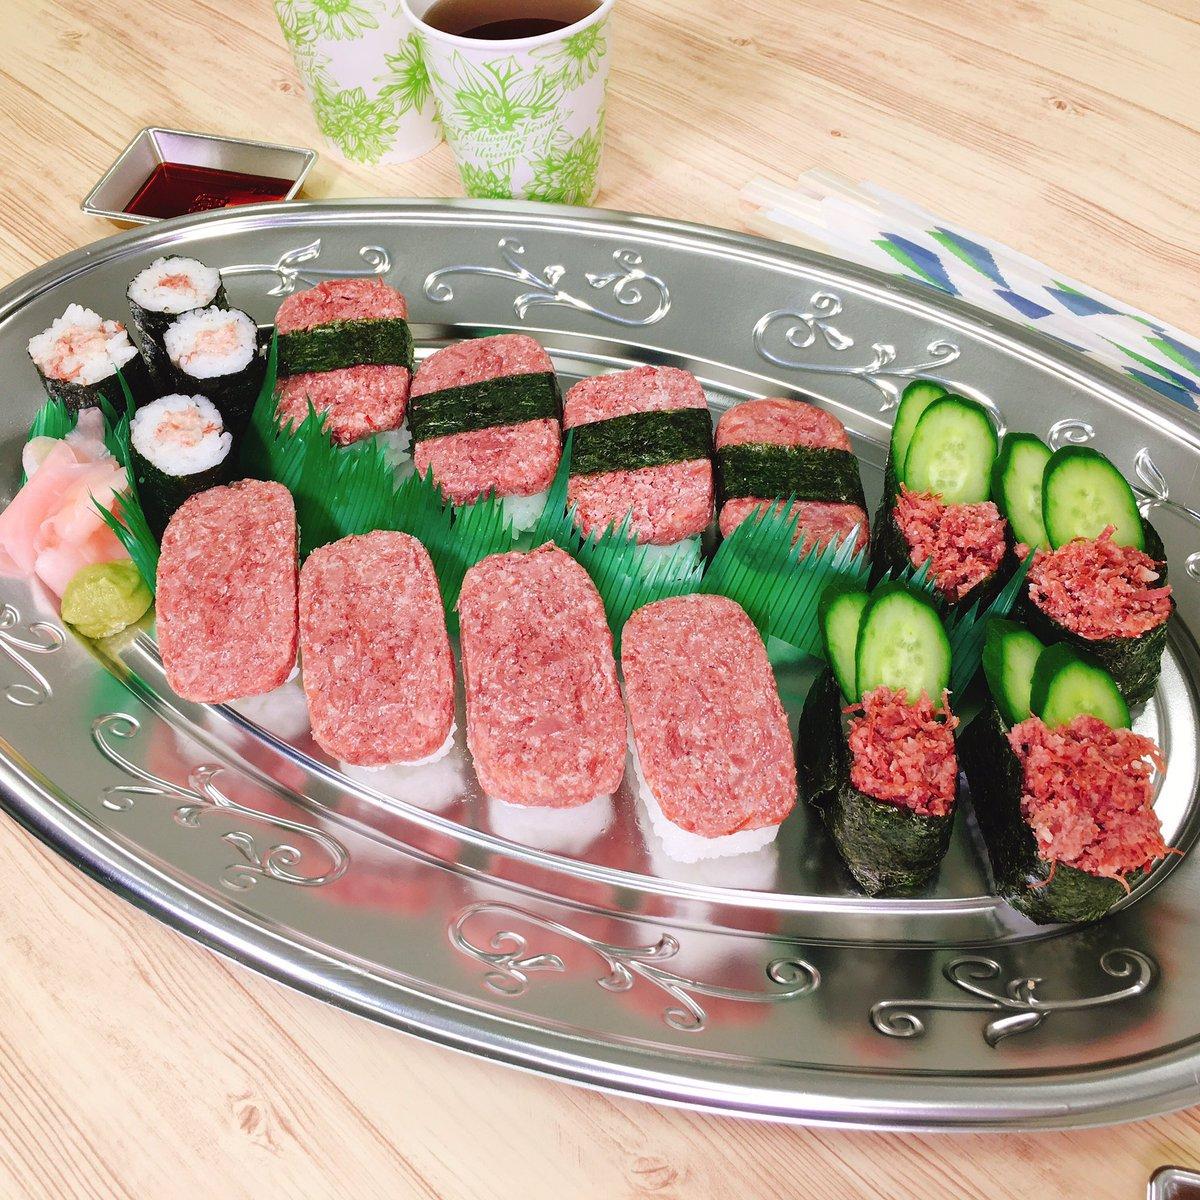 ノザキ(ノザキのコンビーフ)【公式】's photo on #あなたがもしお寿司だったら